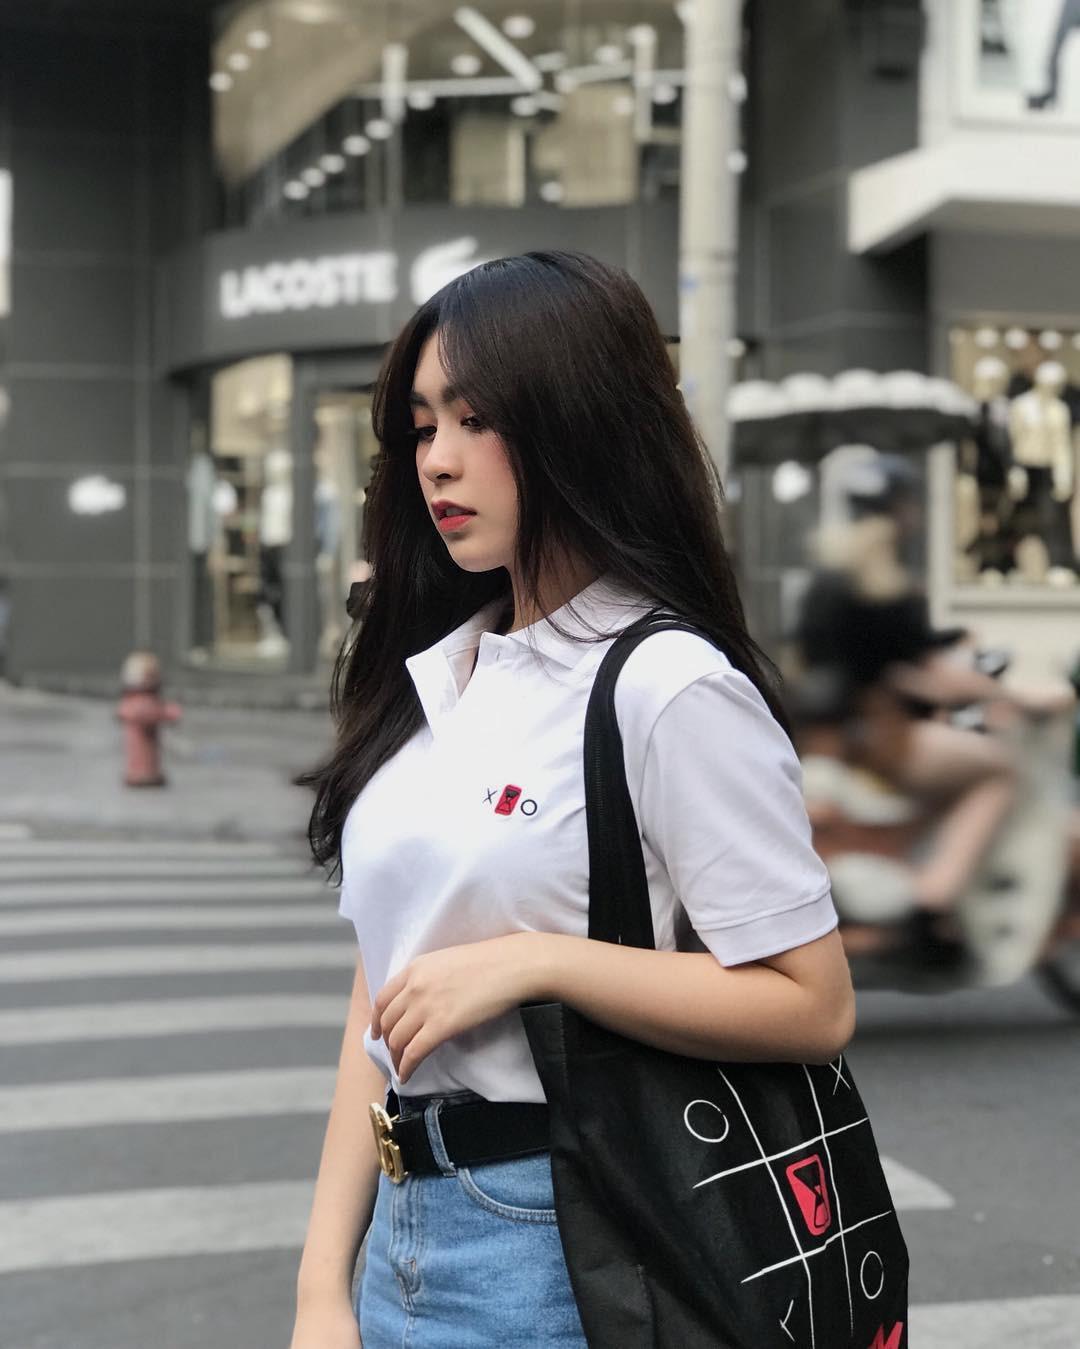 Gái đẹp 2000 học RMIT khẳng định không cần quen đại gia, là bạn thân của nữ sinh đình đám Sài Gòn một thời - Ảnh 7.